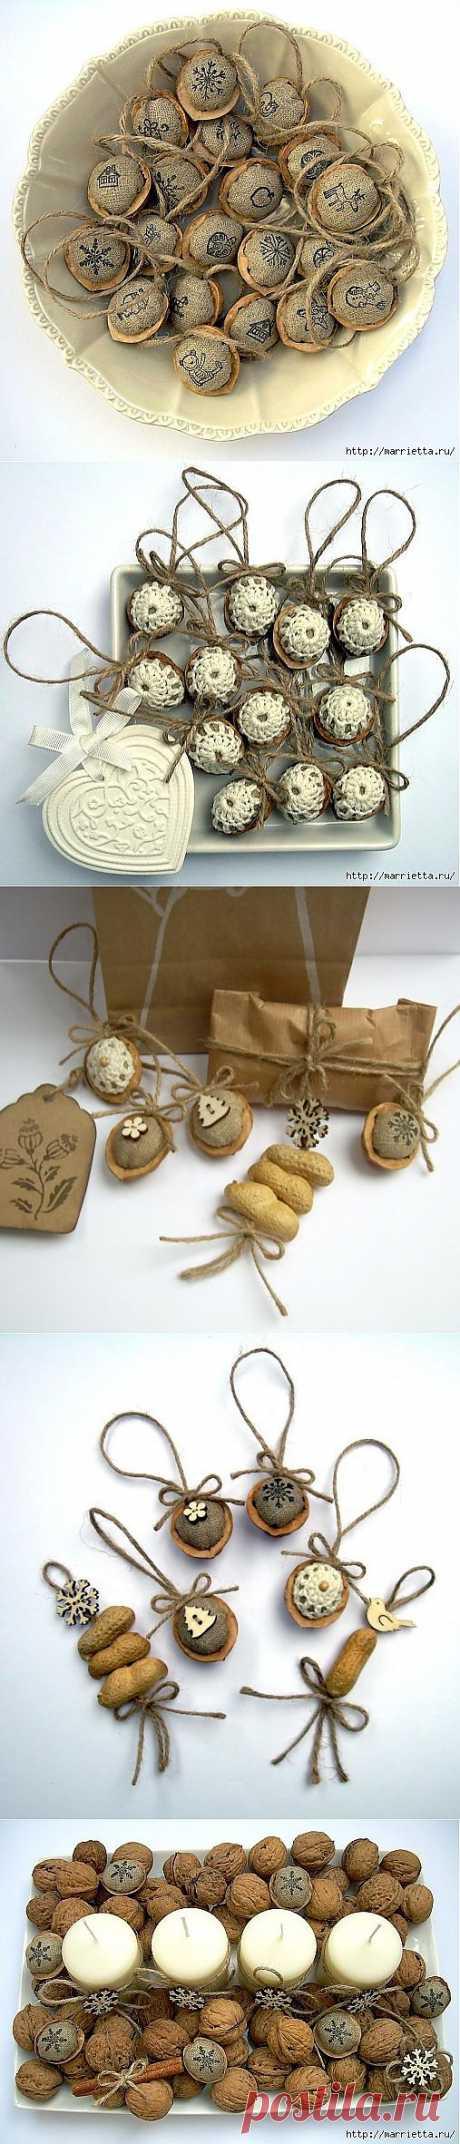 Арахис и грецкие орешки для упаковки новогодних подарков.